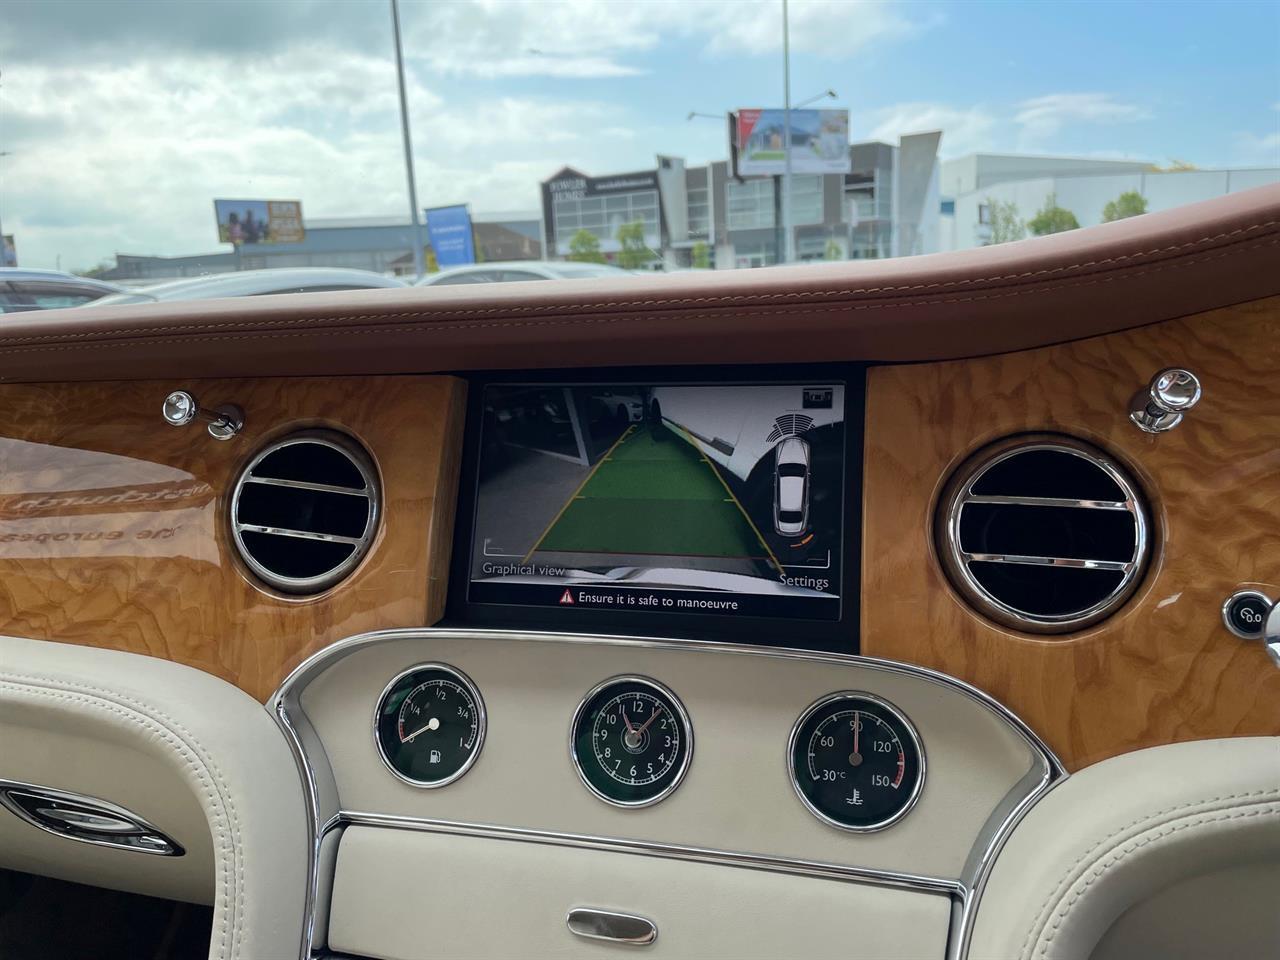 image-16, 2014 Bentley Mulsanne 6.7 V8 Turbo Mulliner at Christchurch